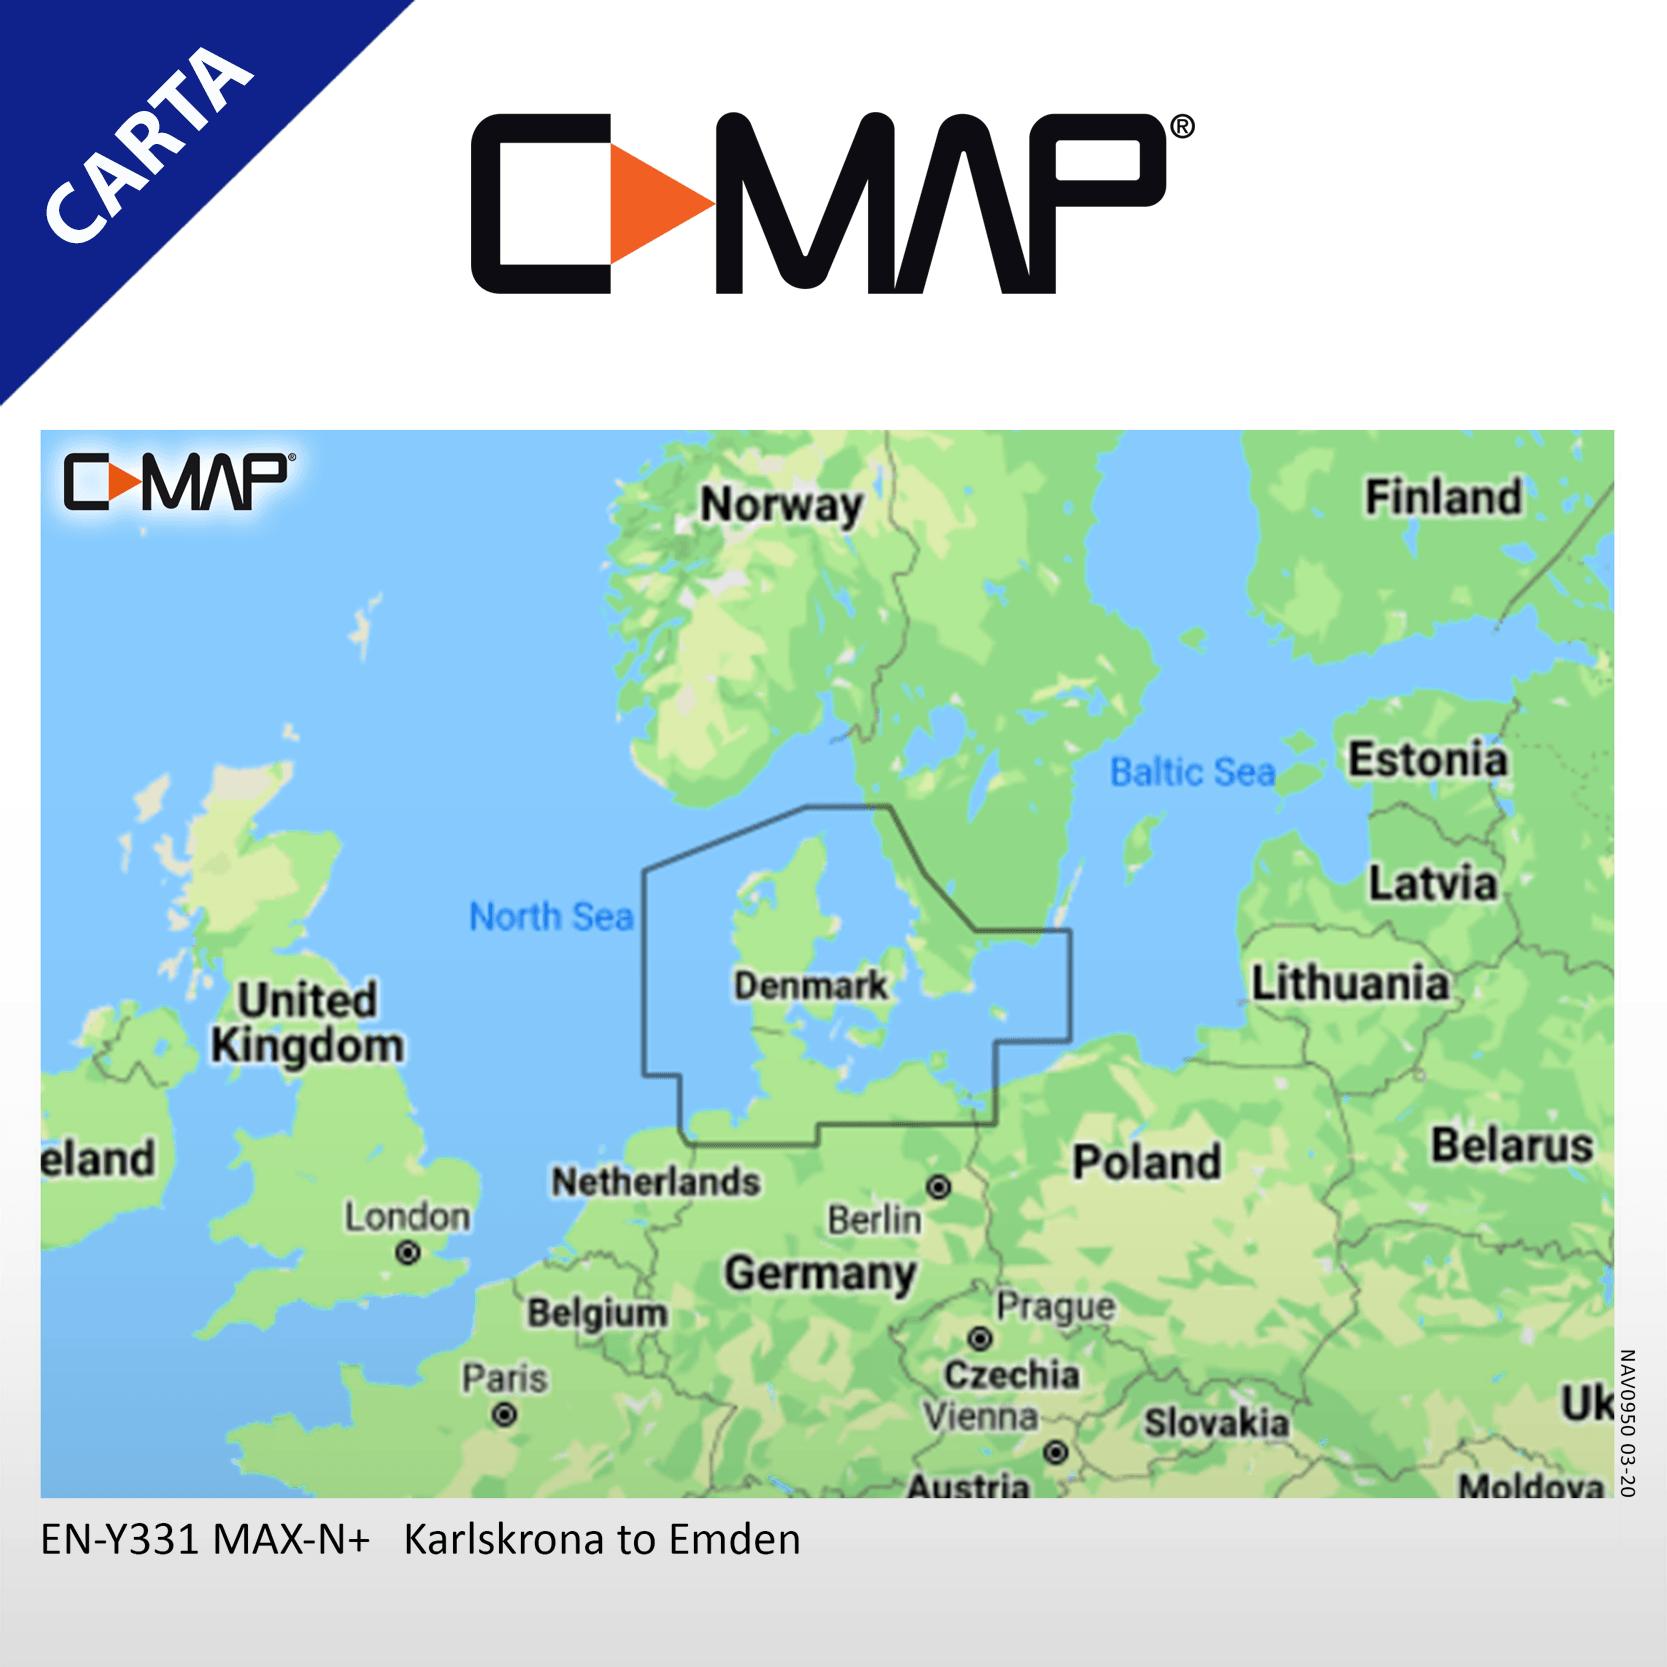 C-MAP-EN-Y331 Carta CMap